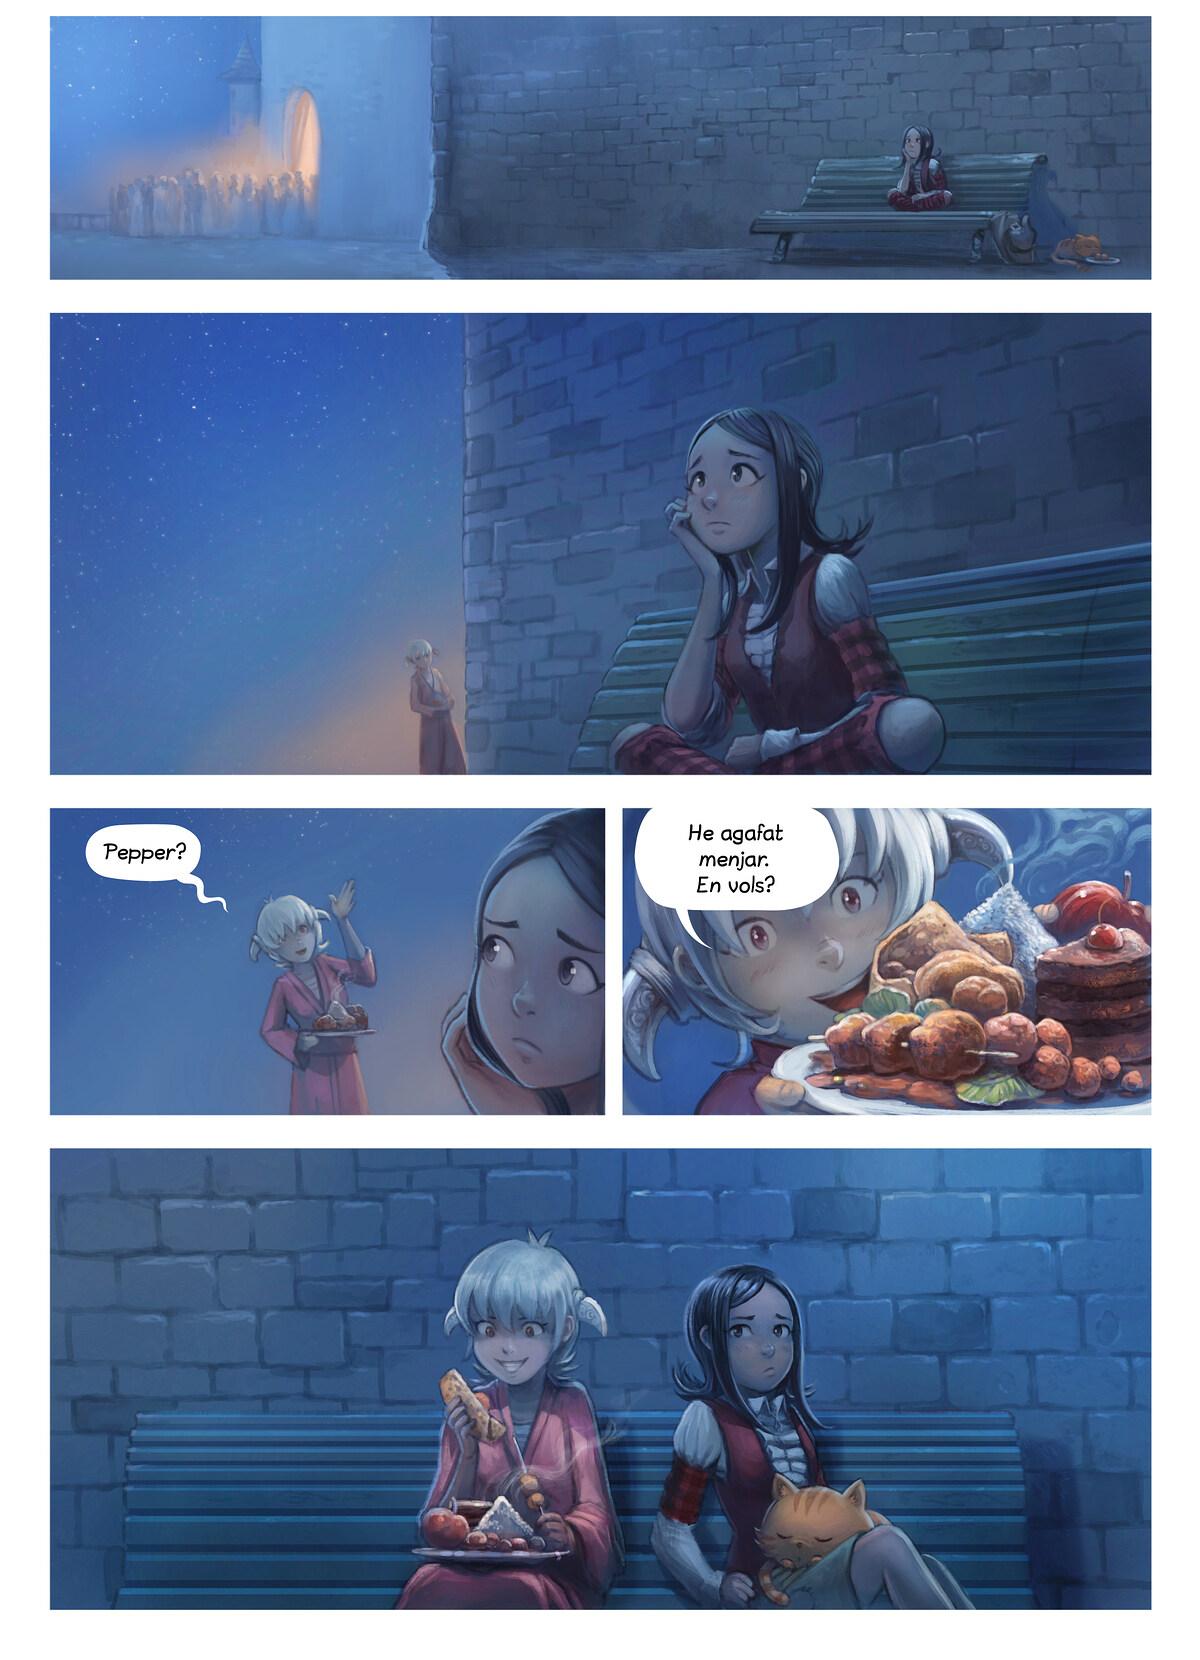 A webcomic page of Pepper&Carrot, episodi 28 [ca], pàgina 6